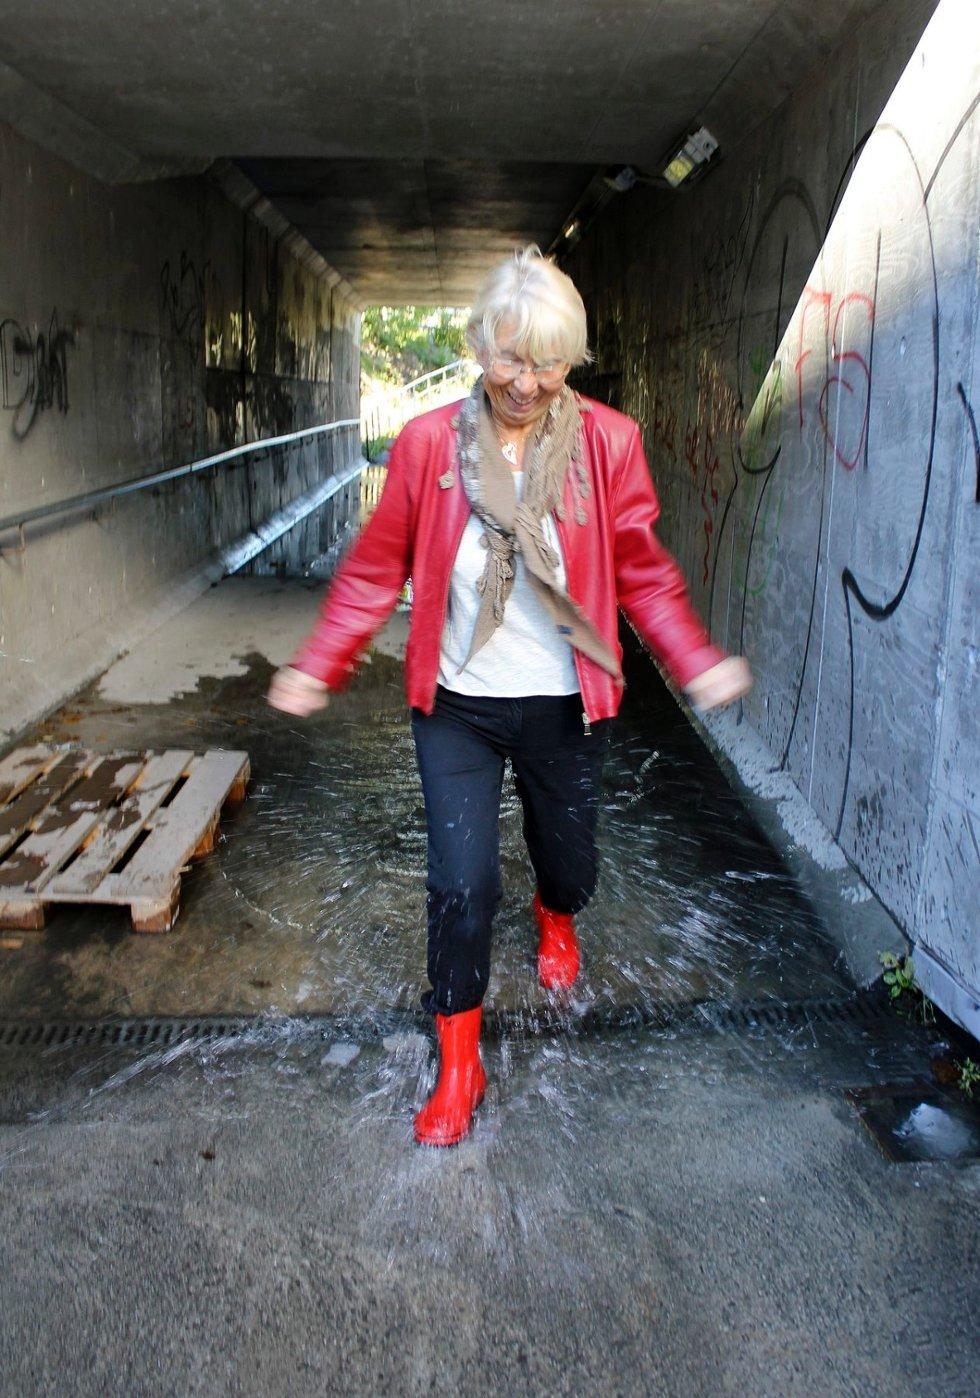 VADEVEI: Anne-Marie Thorsen plasker gjennom undergangen under Kirkeveien, fra Askerjordet til Trekanten kjøpesenter i Asker sentrum. FOTO: TRUDE BLÅSMO